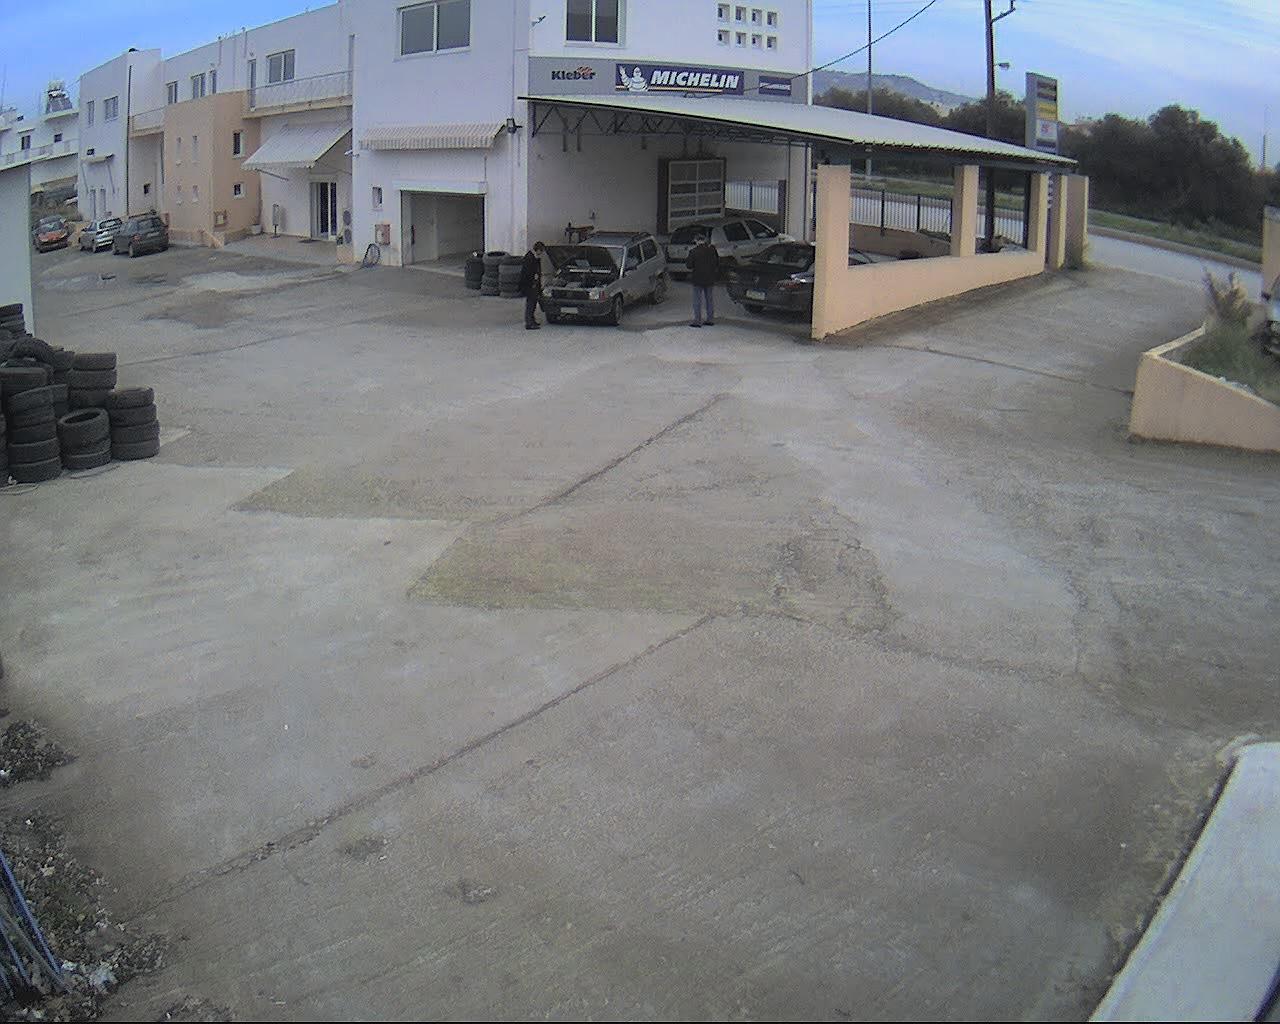 96044_1.jpg